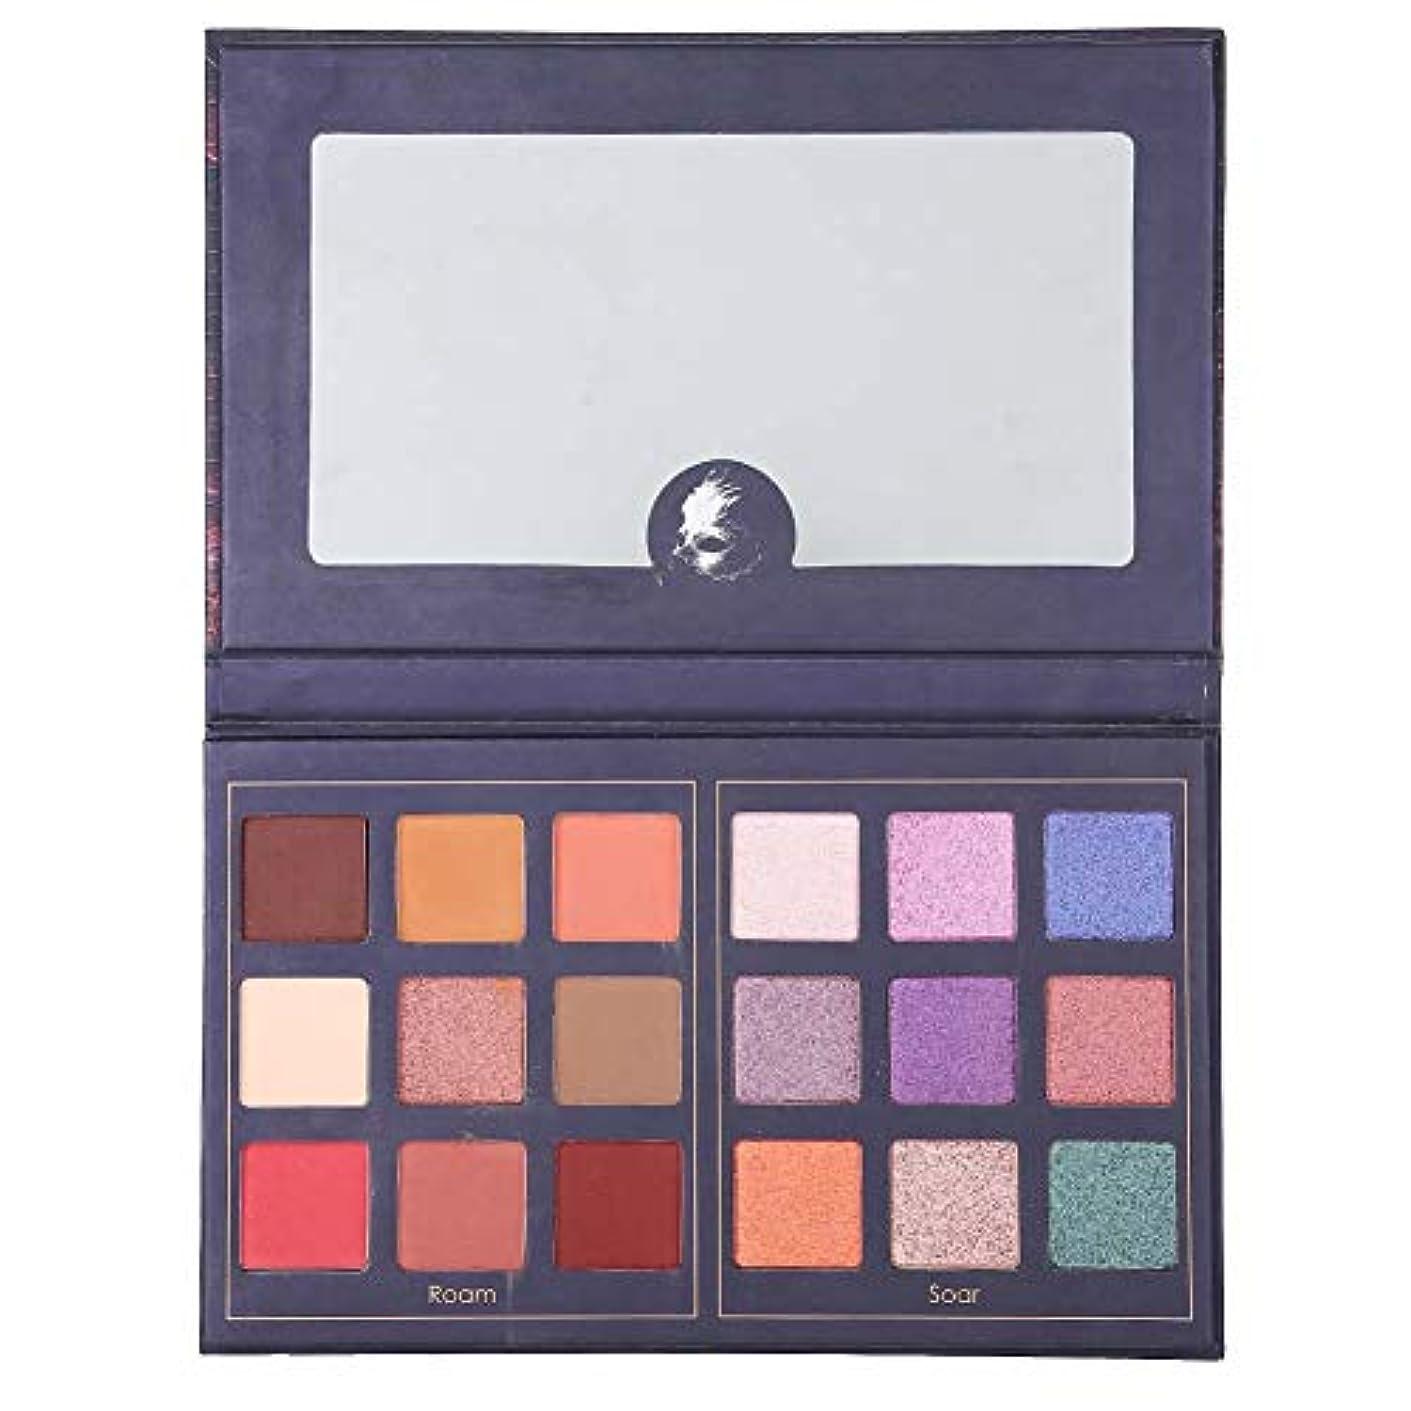 初期の極貧対話アイシャドウパレットグリッター 18色 美しい 化粧品アイシャドウ化粧パウダー